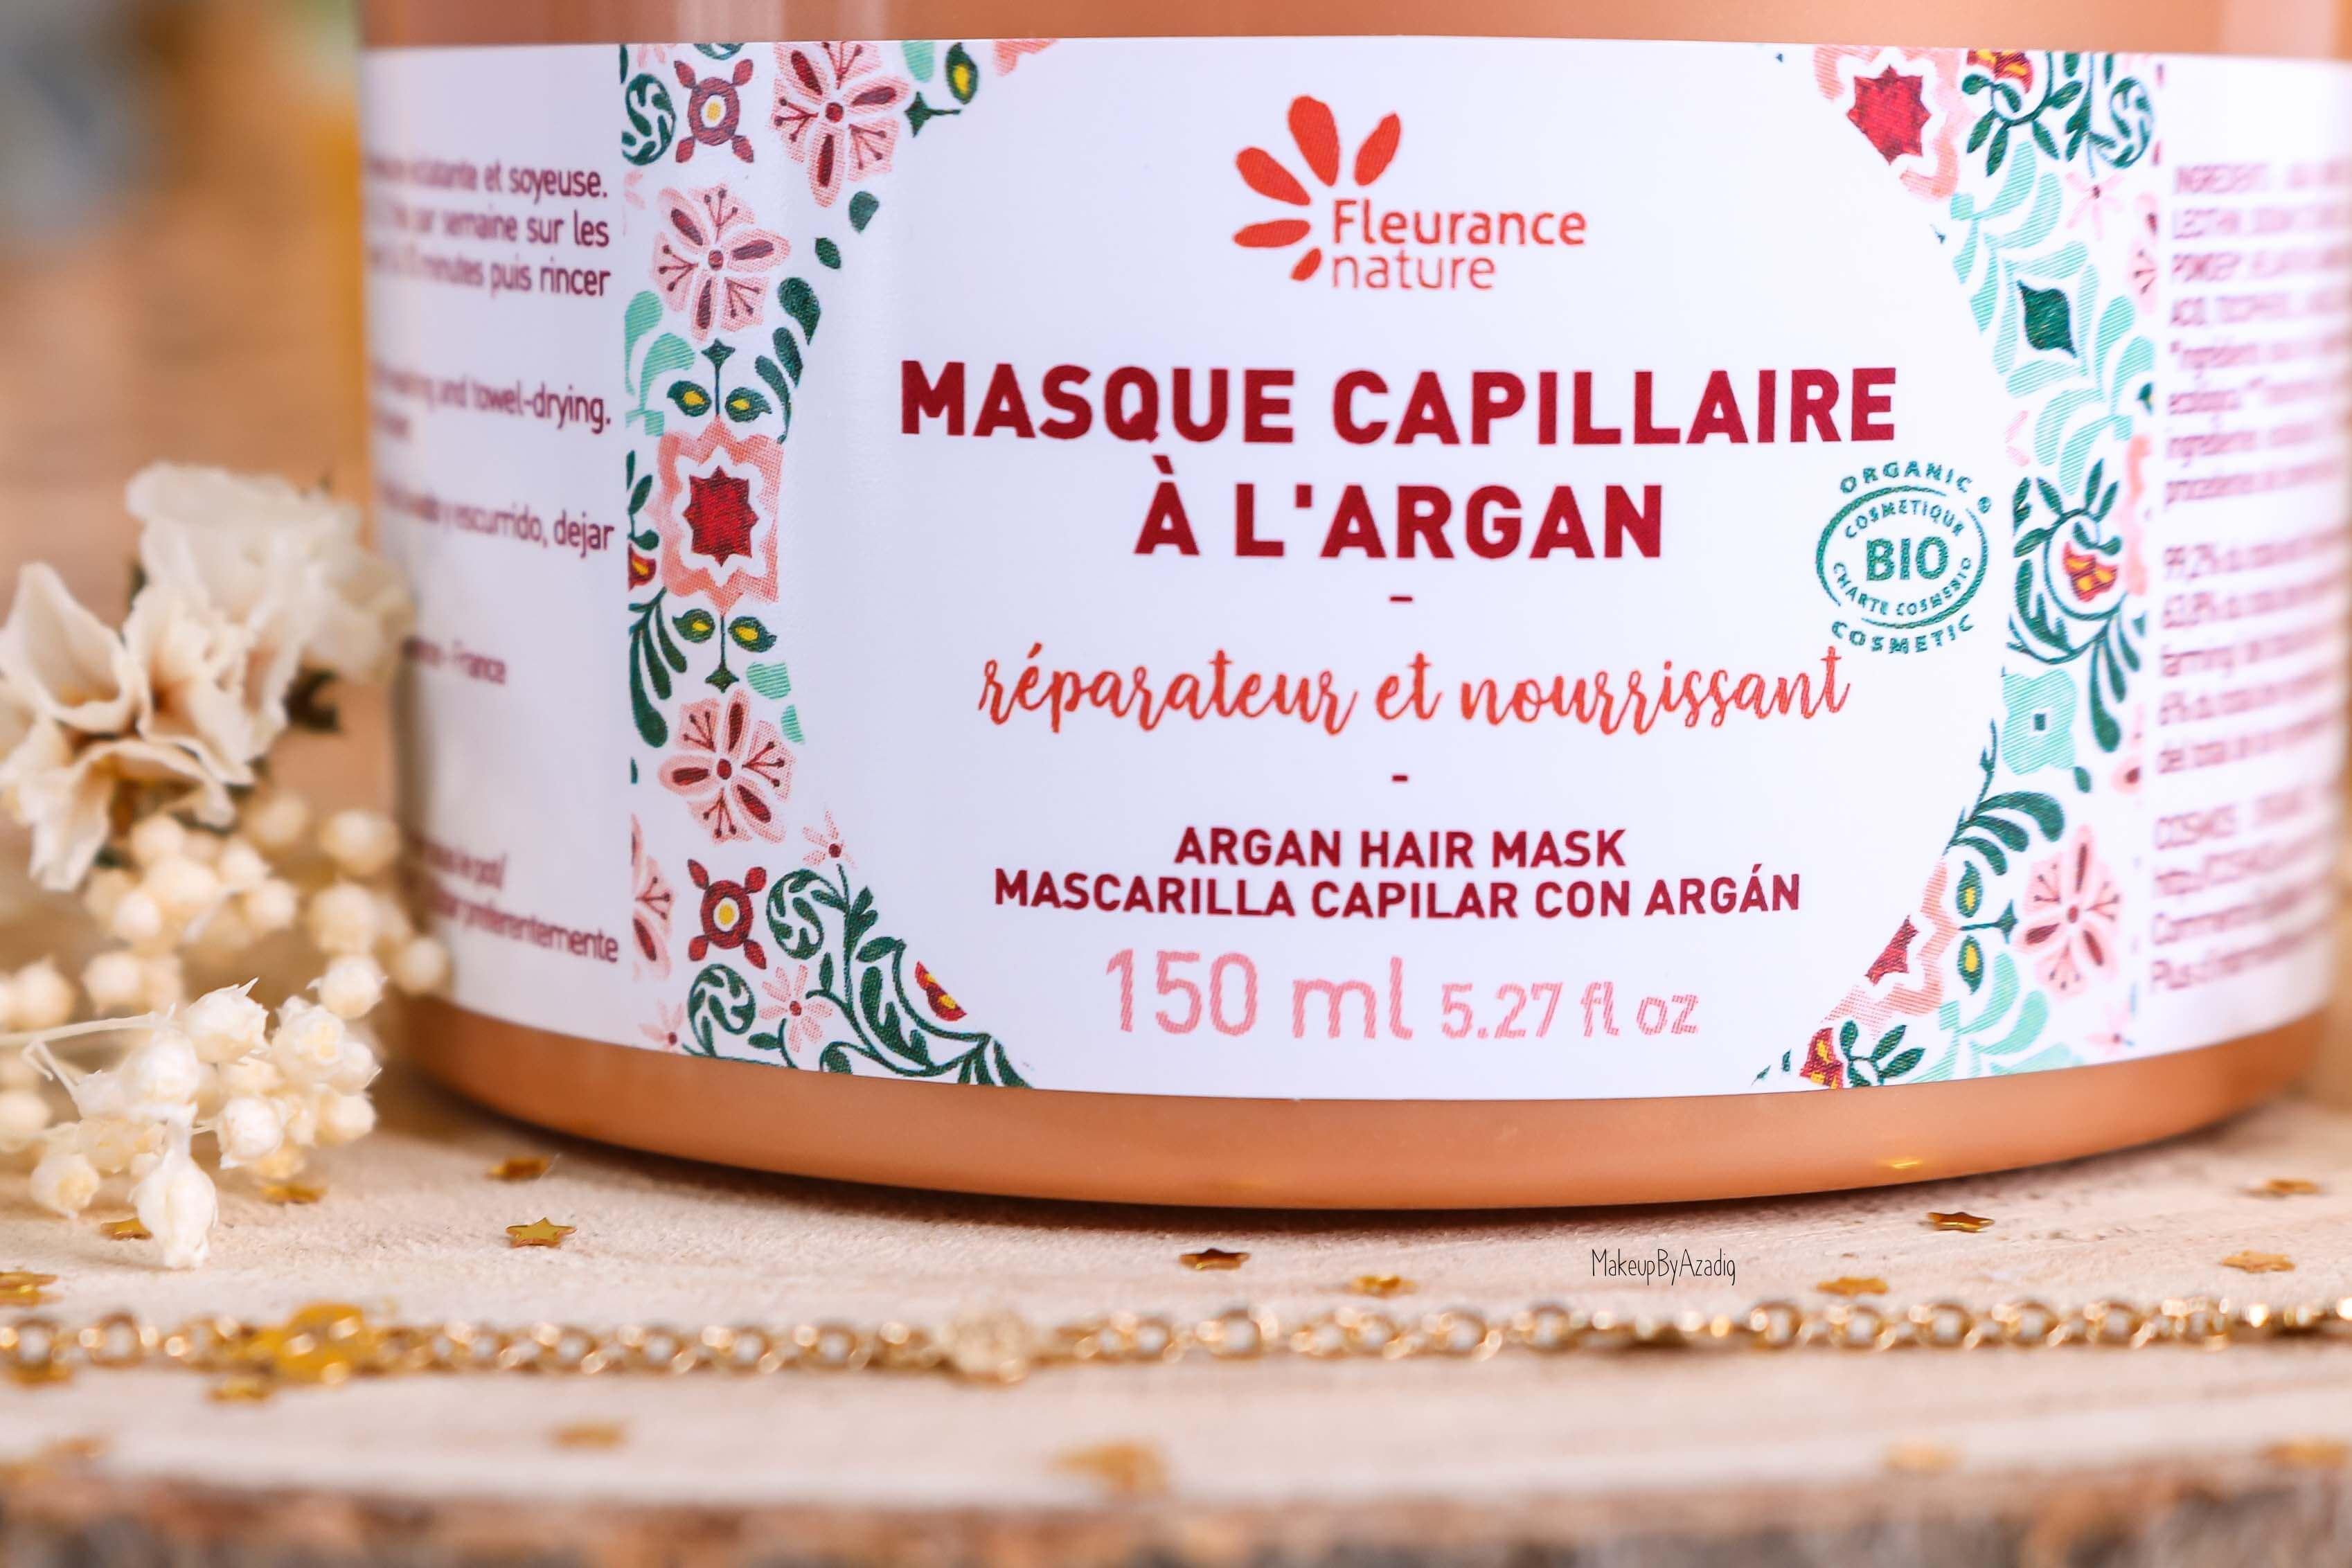 revue-masque-cheveux-capillaire-argan-reparateur-nourrissant-fleurance-nature-makeupbyazadig-bio-soin-avis-prix-resultat-quantite